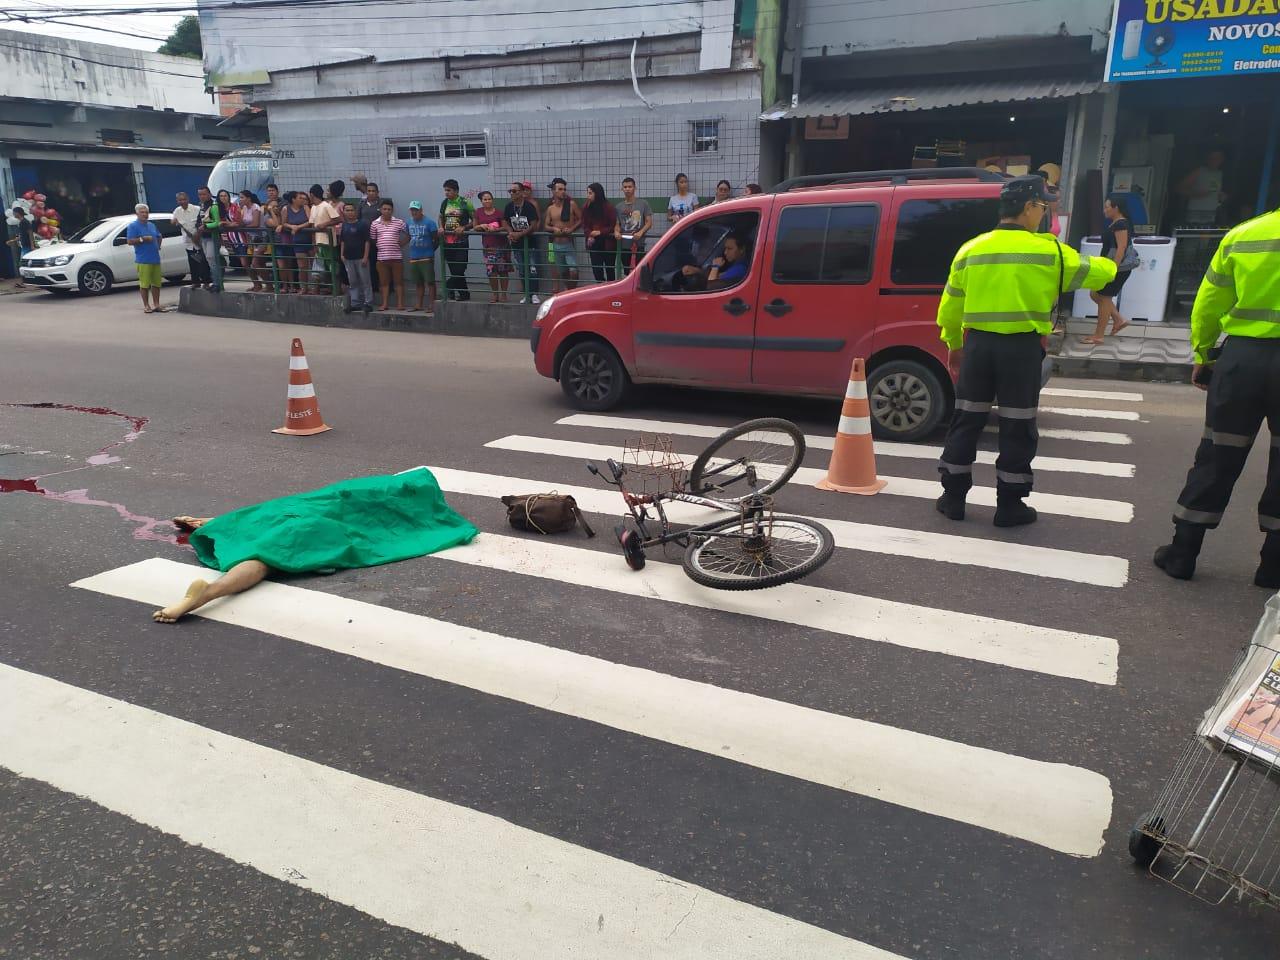 FATALIDADE -Idoso morre em acidente de trânsito na zona Leste